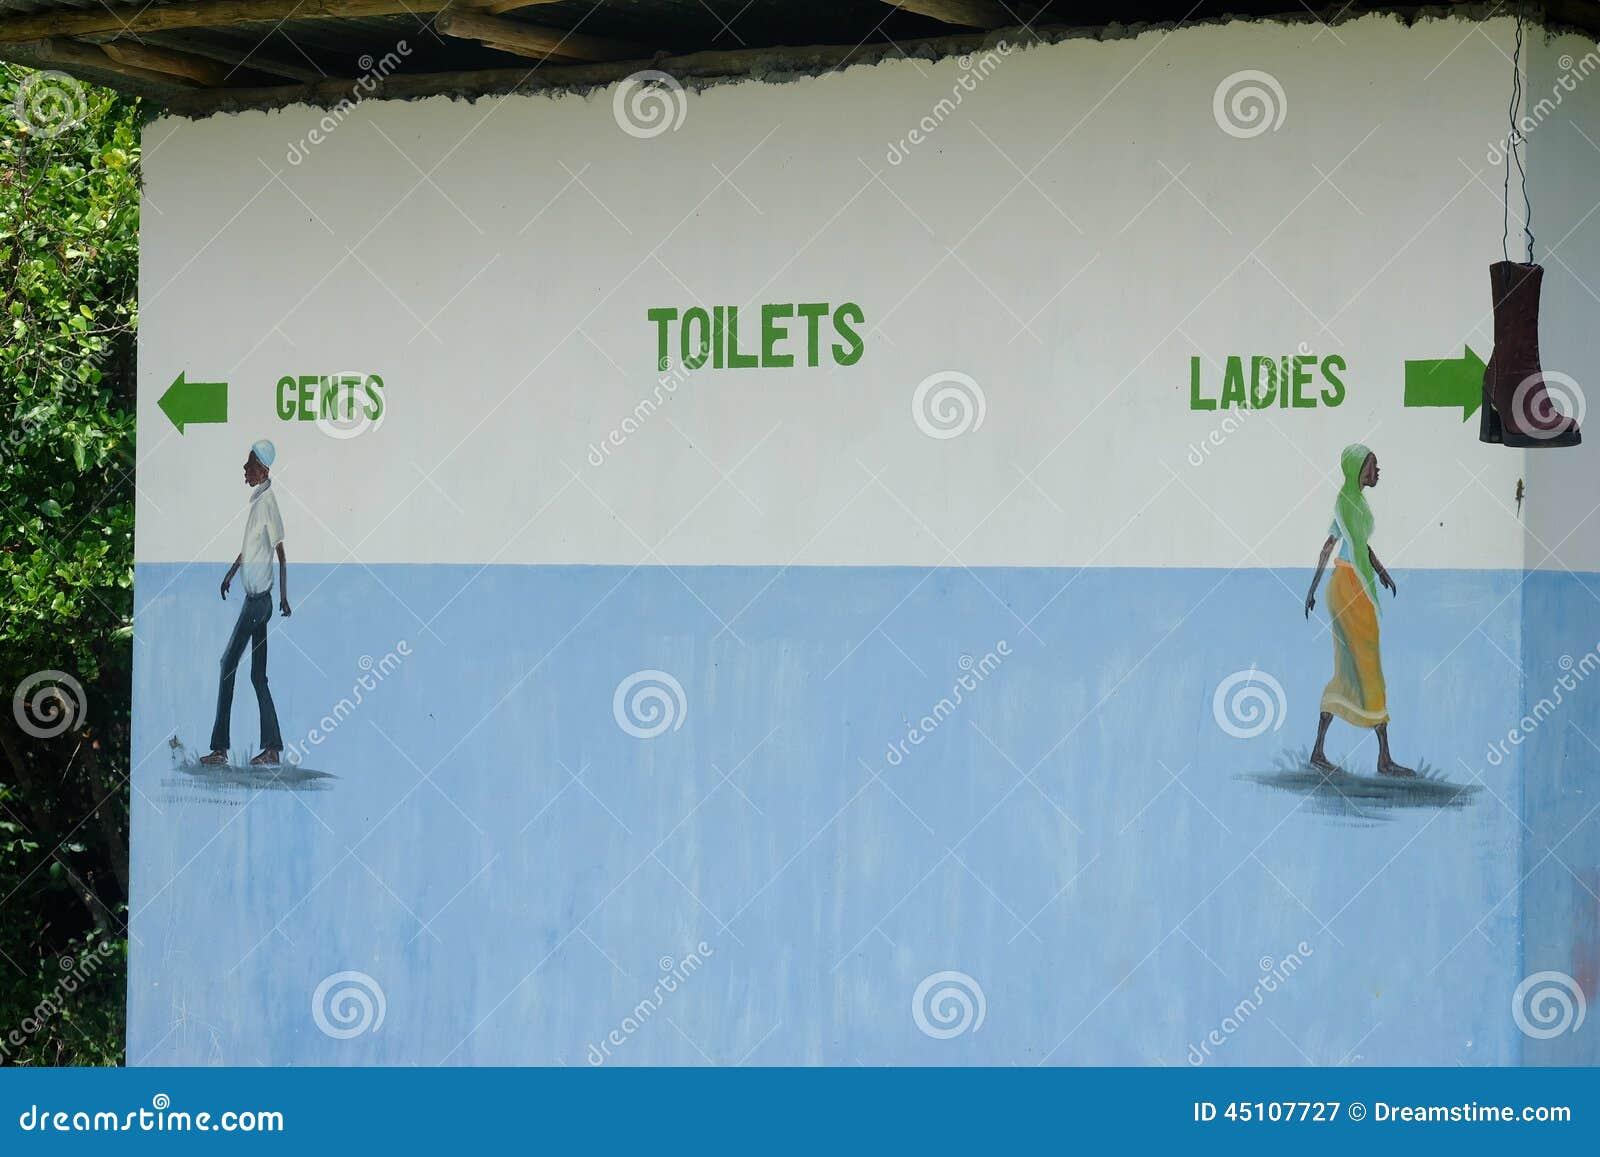 Öffentliche Toiletten In Sansibar Stockfoto - Bild: 45107727 Offentliche Toilette Park Landschaft